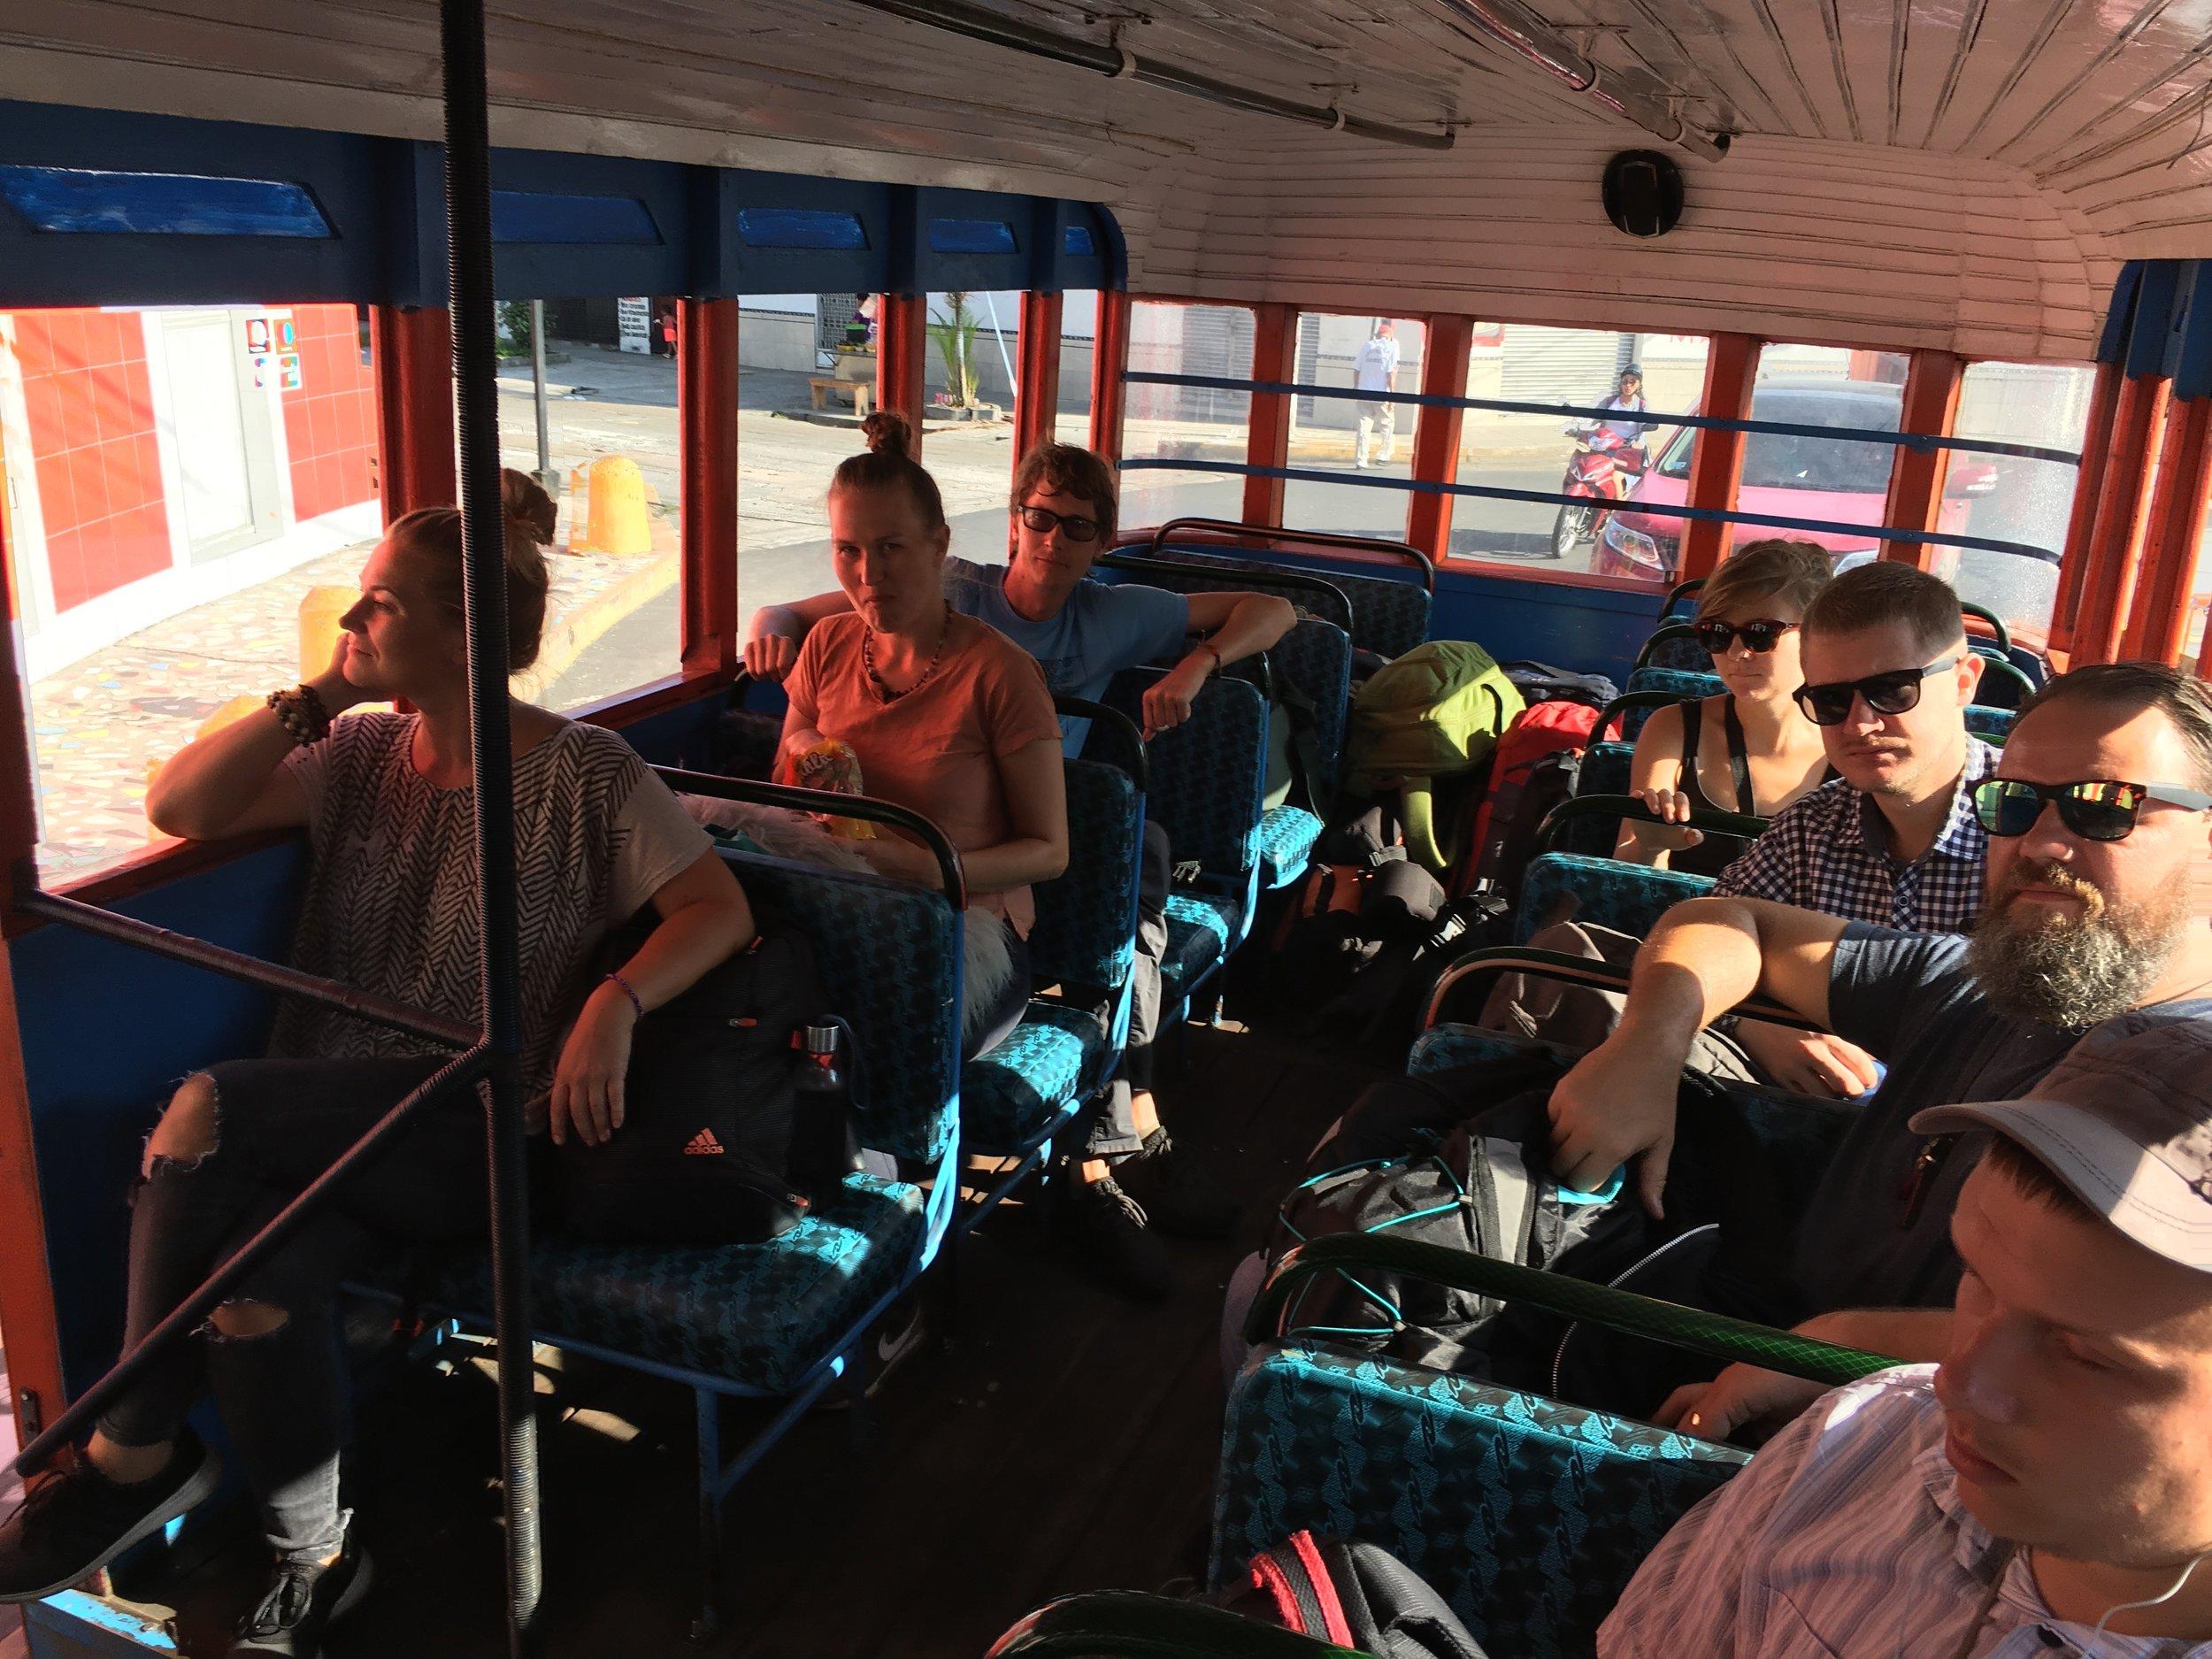 Reis ja seiklus on selleks korraks läbi. Meeled aga jätkuvalt sageduses..  Foto: bussijuht /Amazonas Reisid